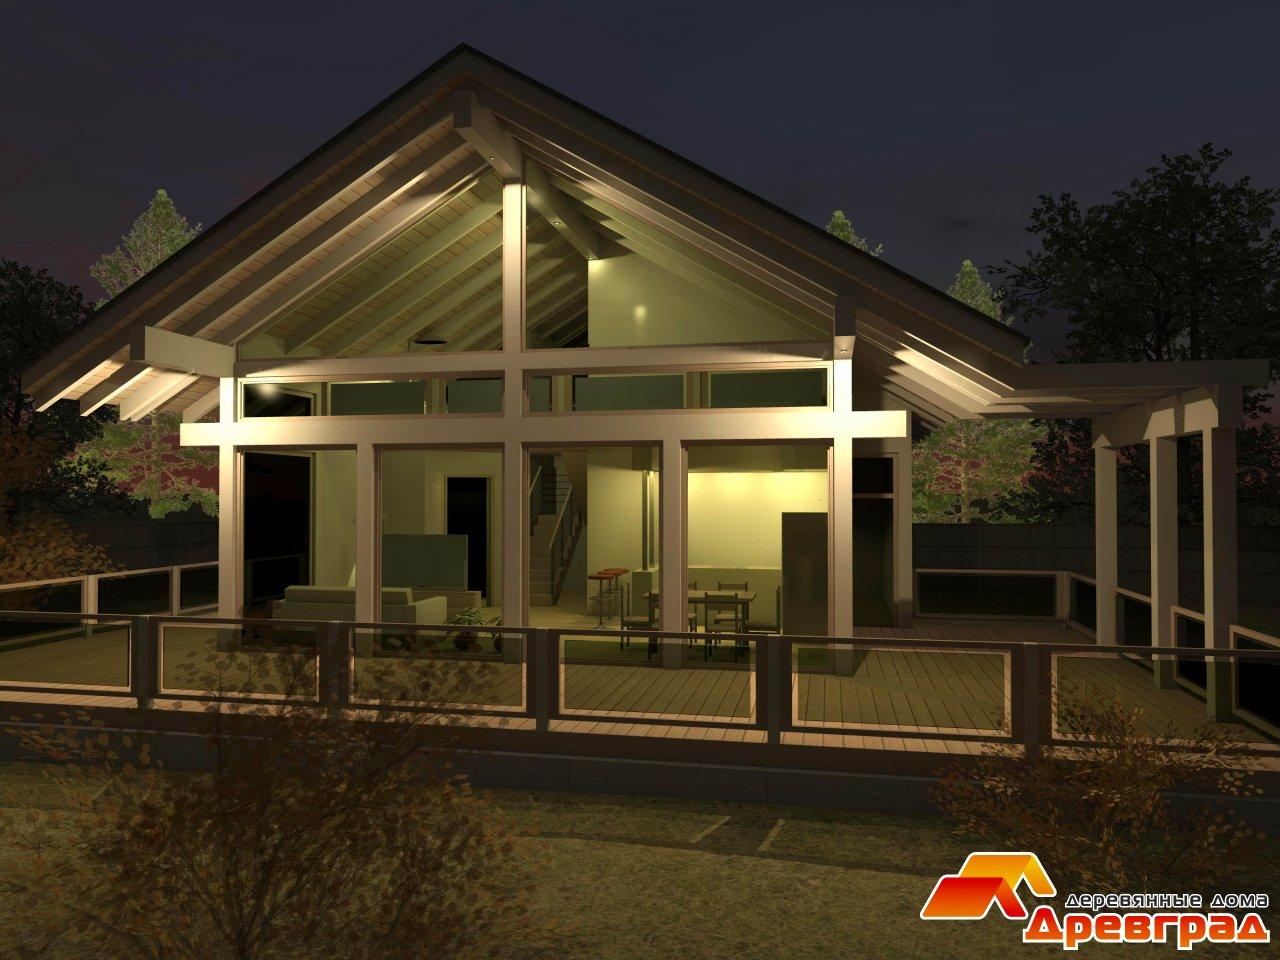 Одноэтажный деревянный дом хай тек